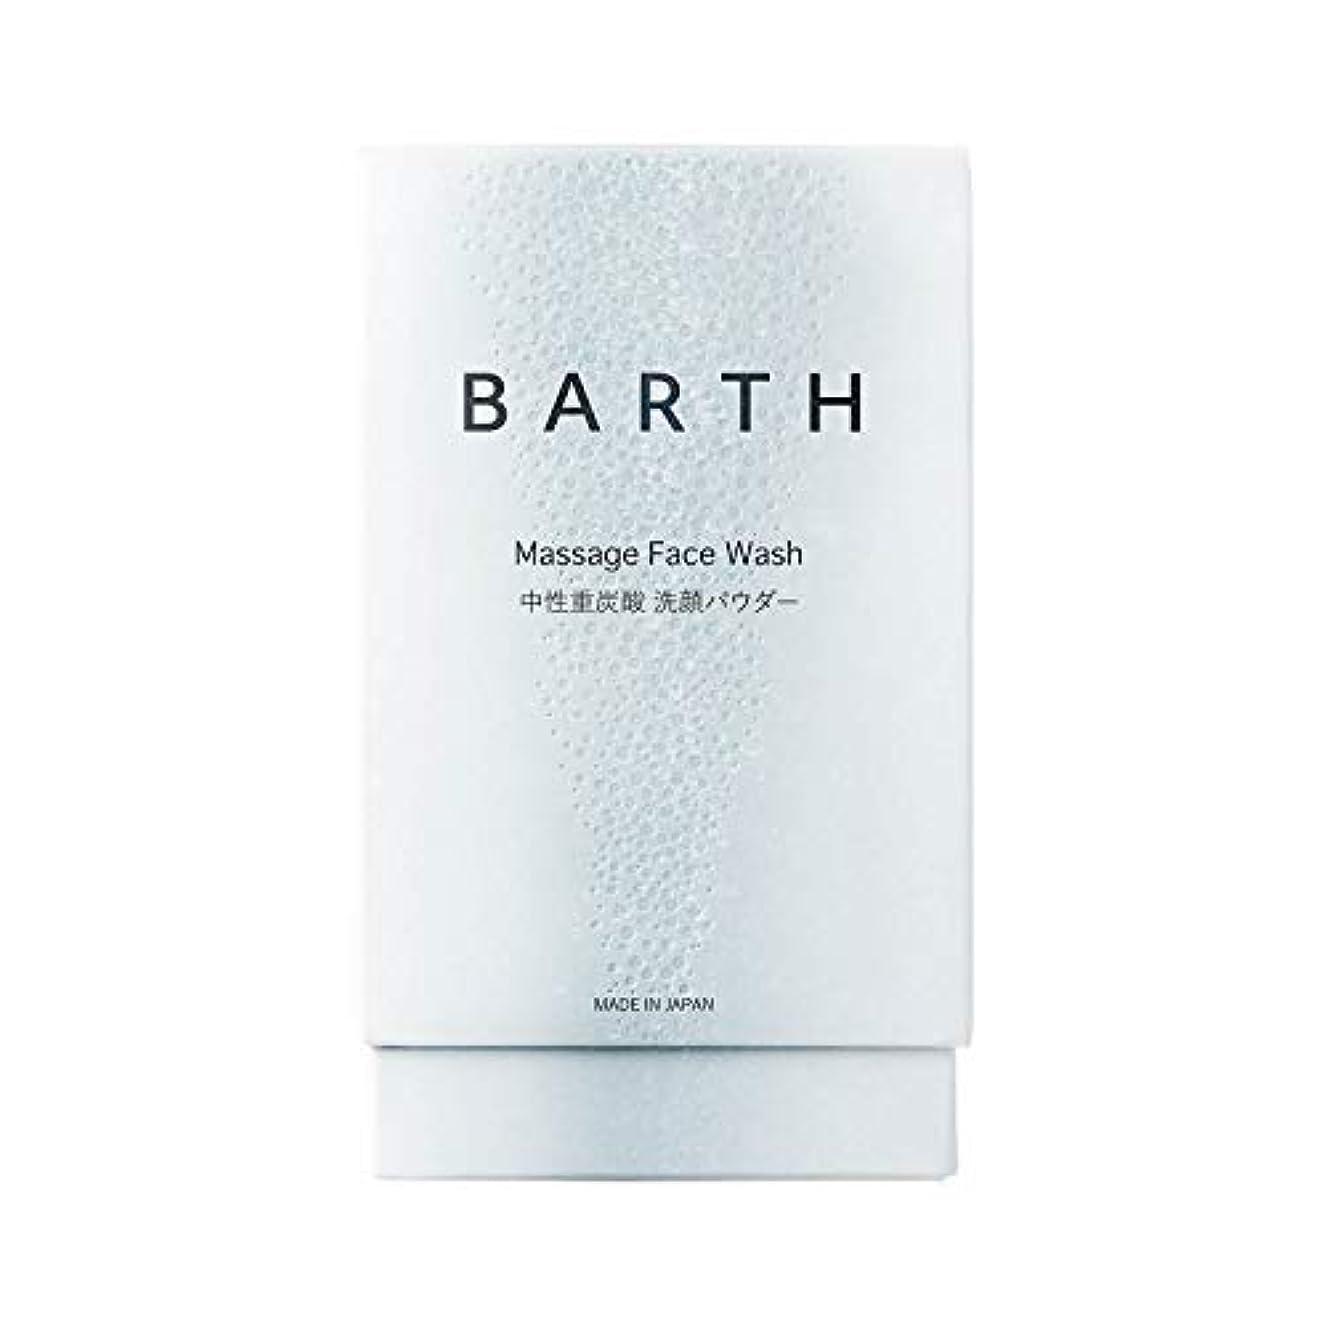 添付証言基本的なBARTH【バース】中性 重炭酸 洗顔パウダー 30包タイプ(無添加 炭酸パック 洗顔料 個包装タイプ)